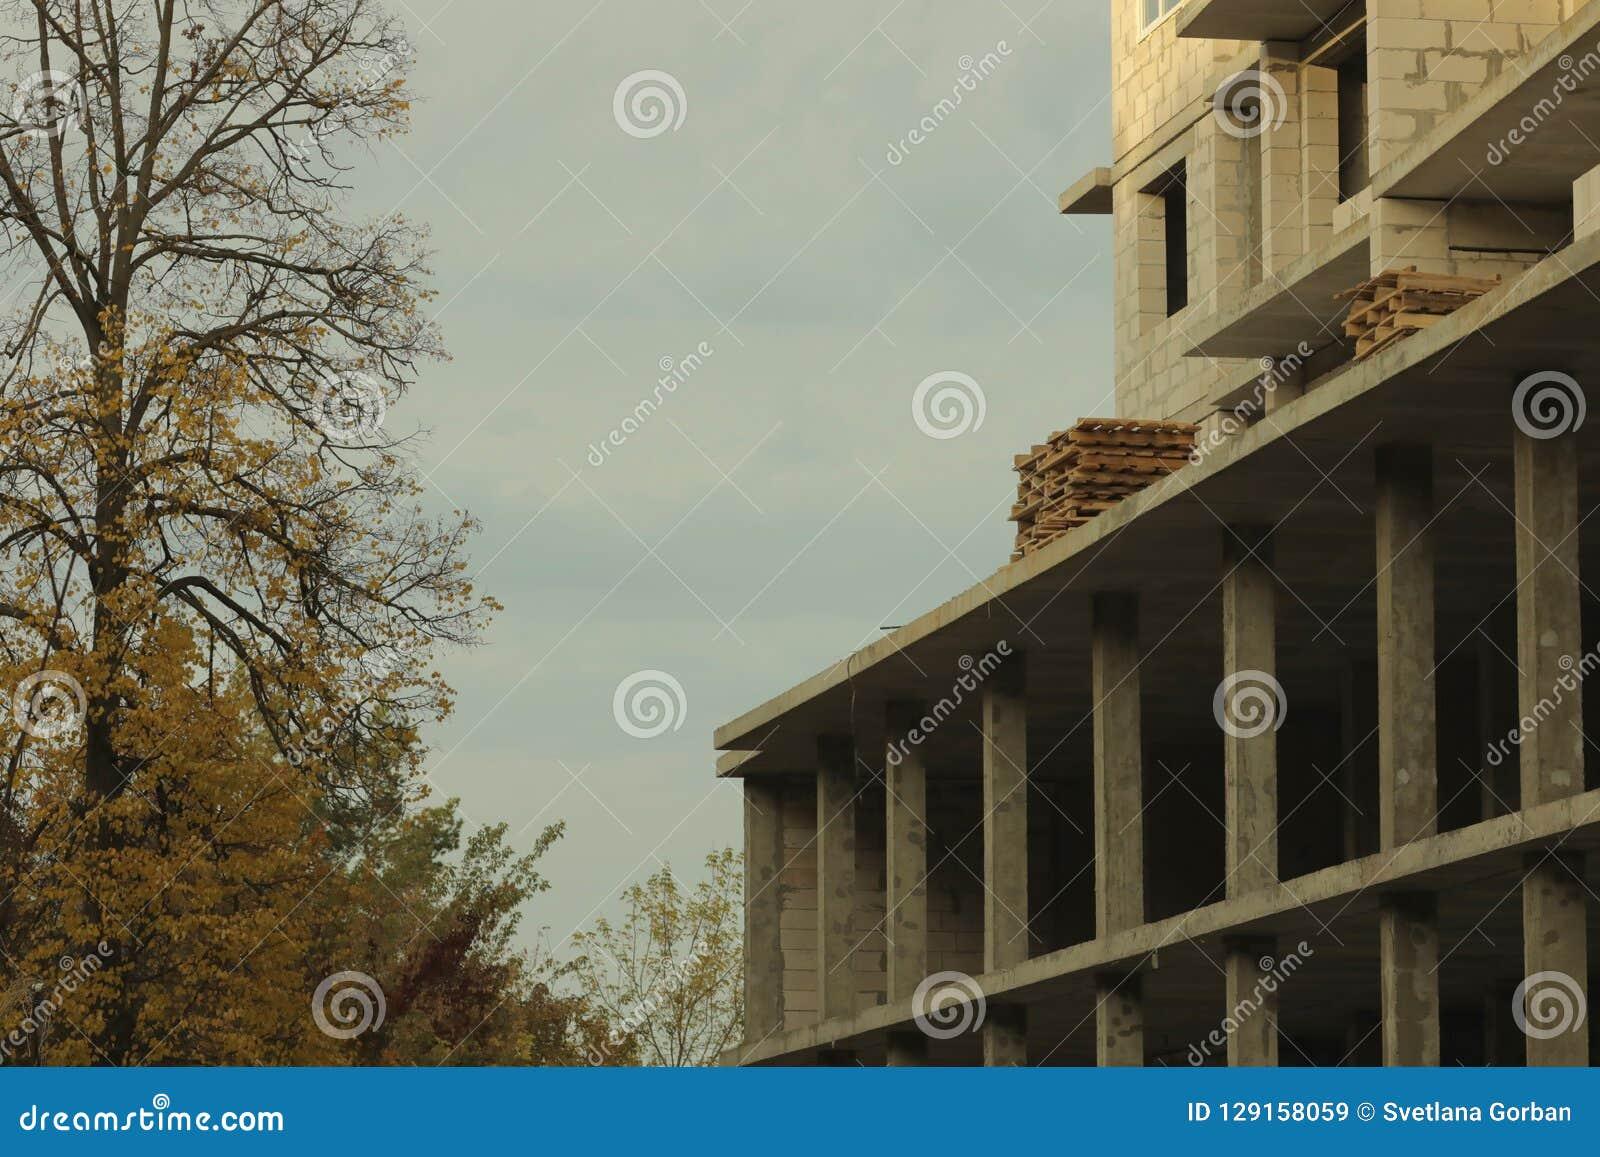 Oavslutat höghus, kran, arkitektur